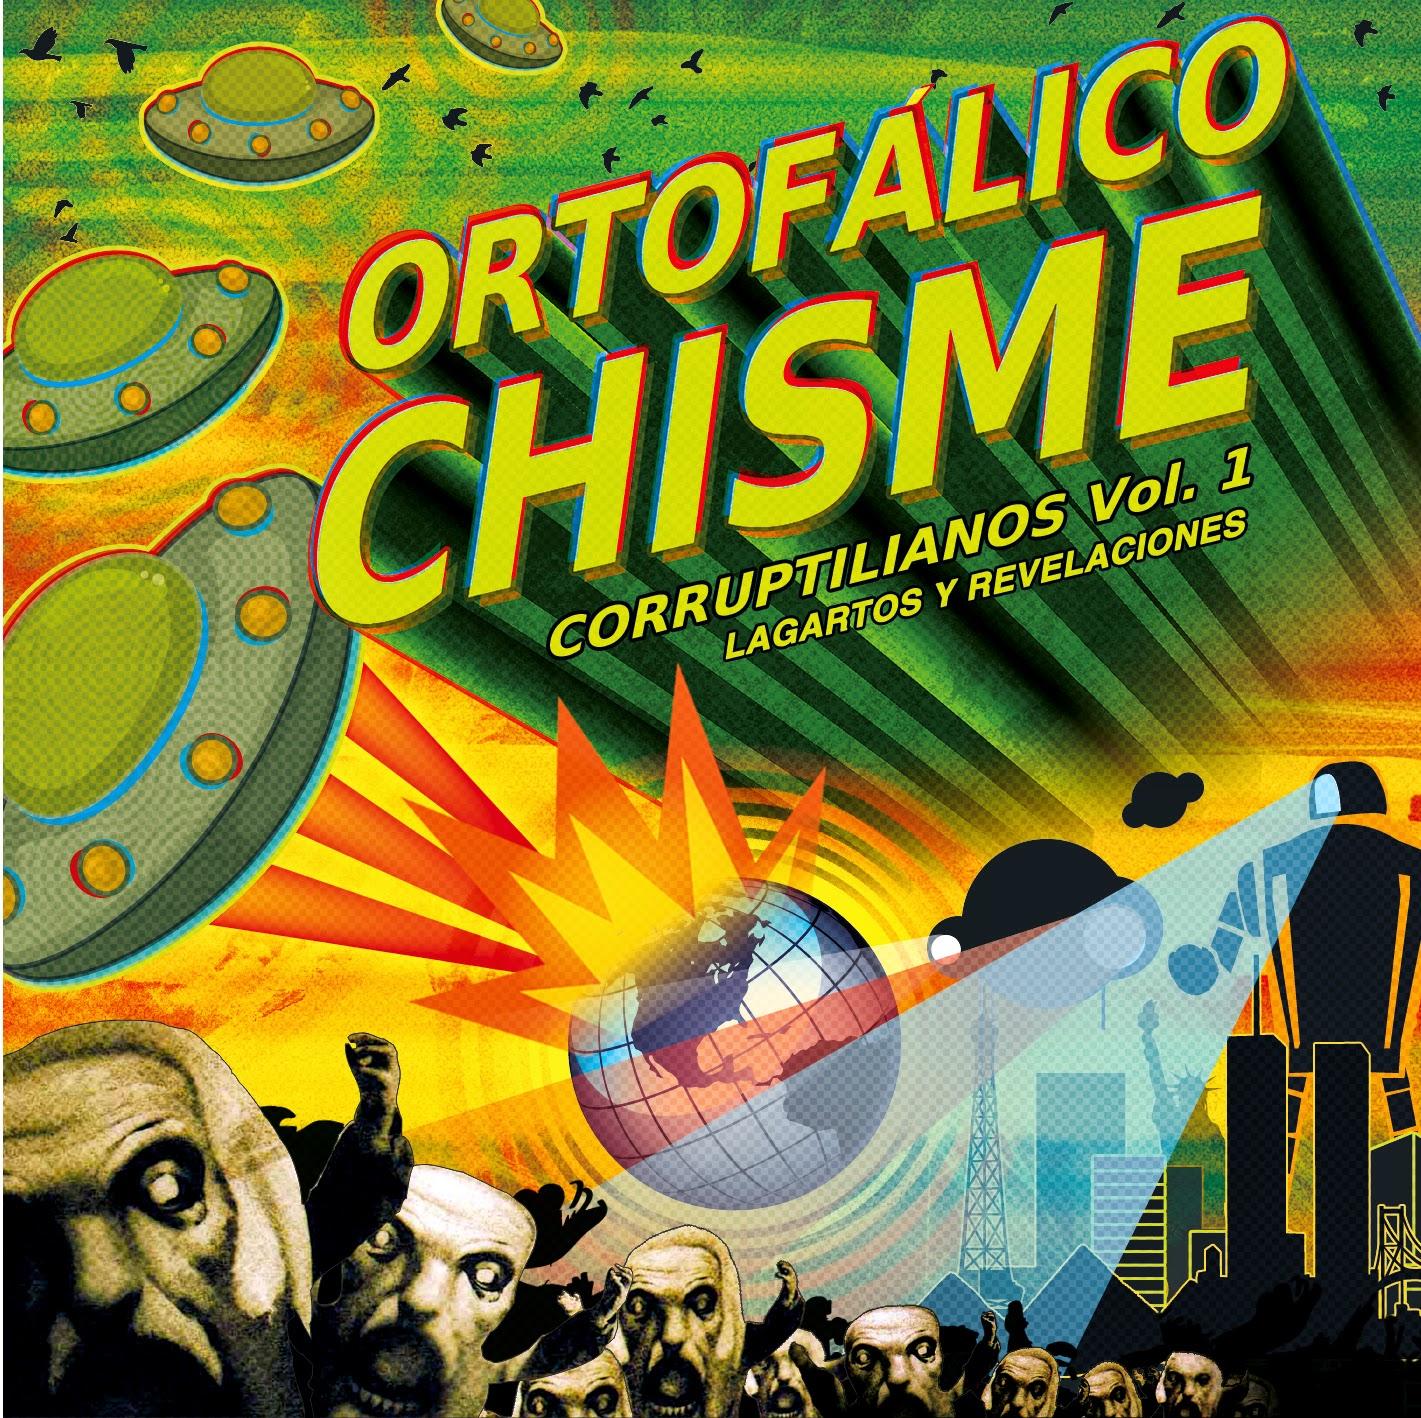 http://ortofalicochisme.com/